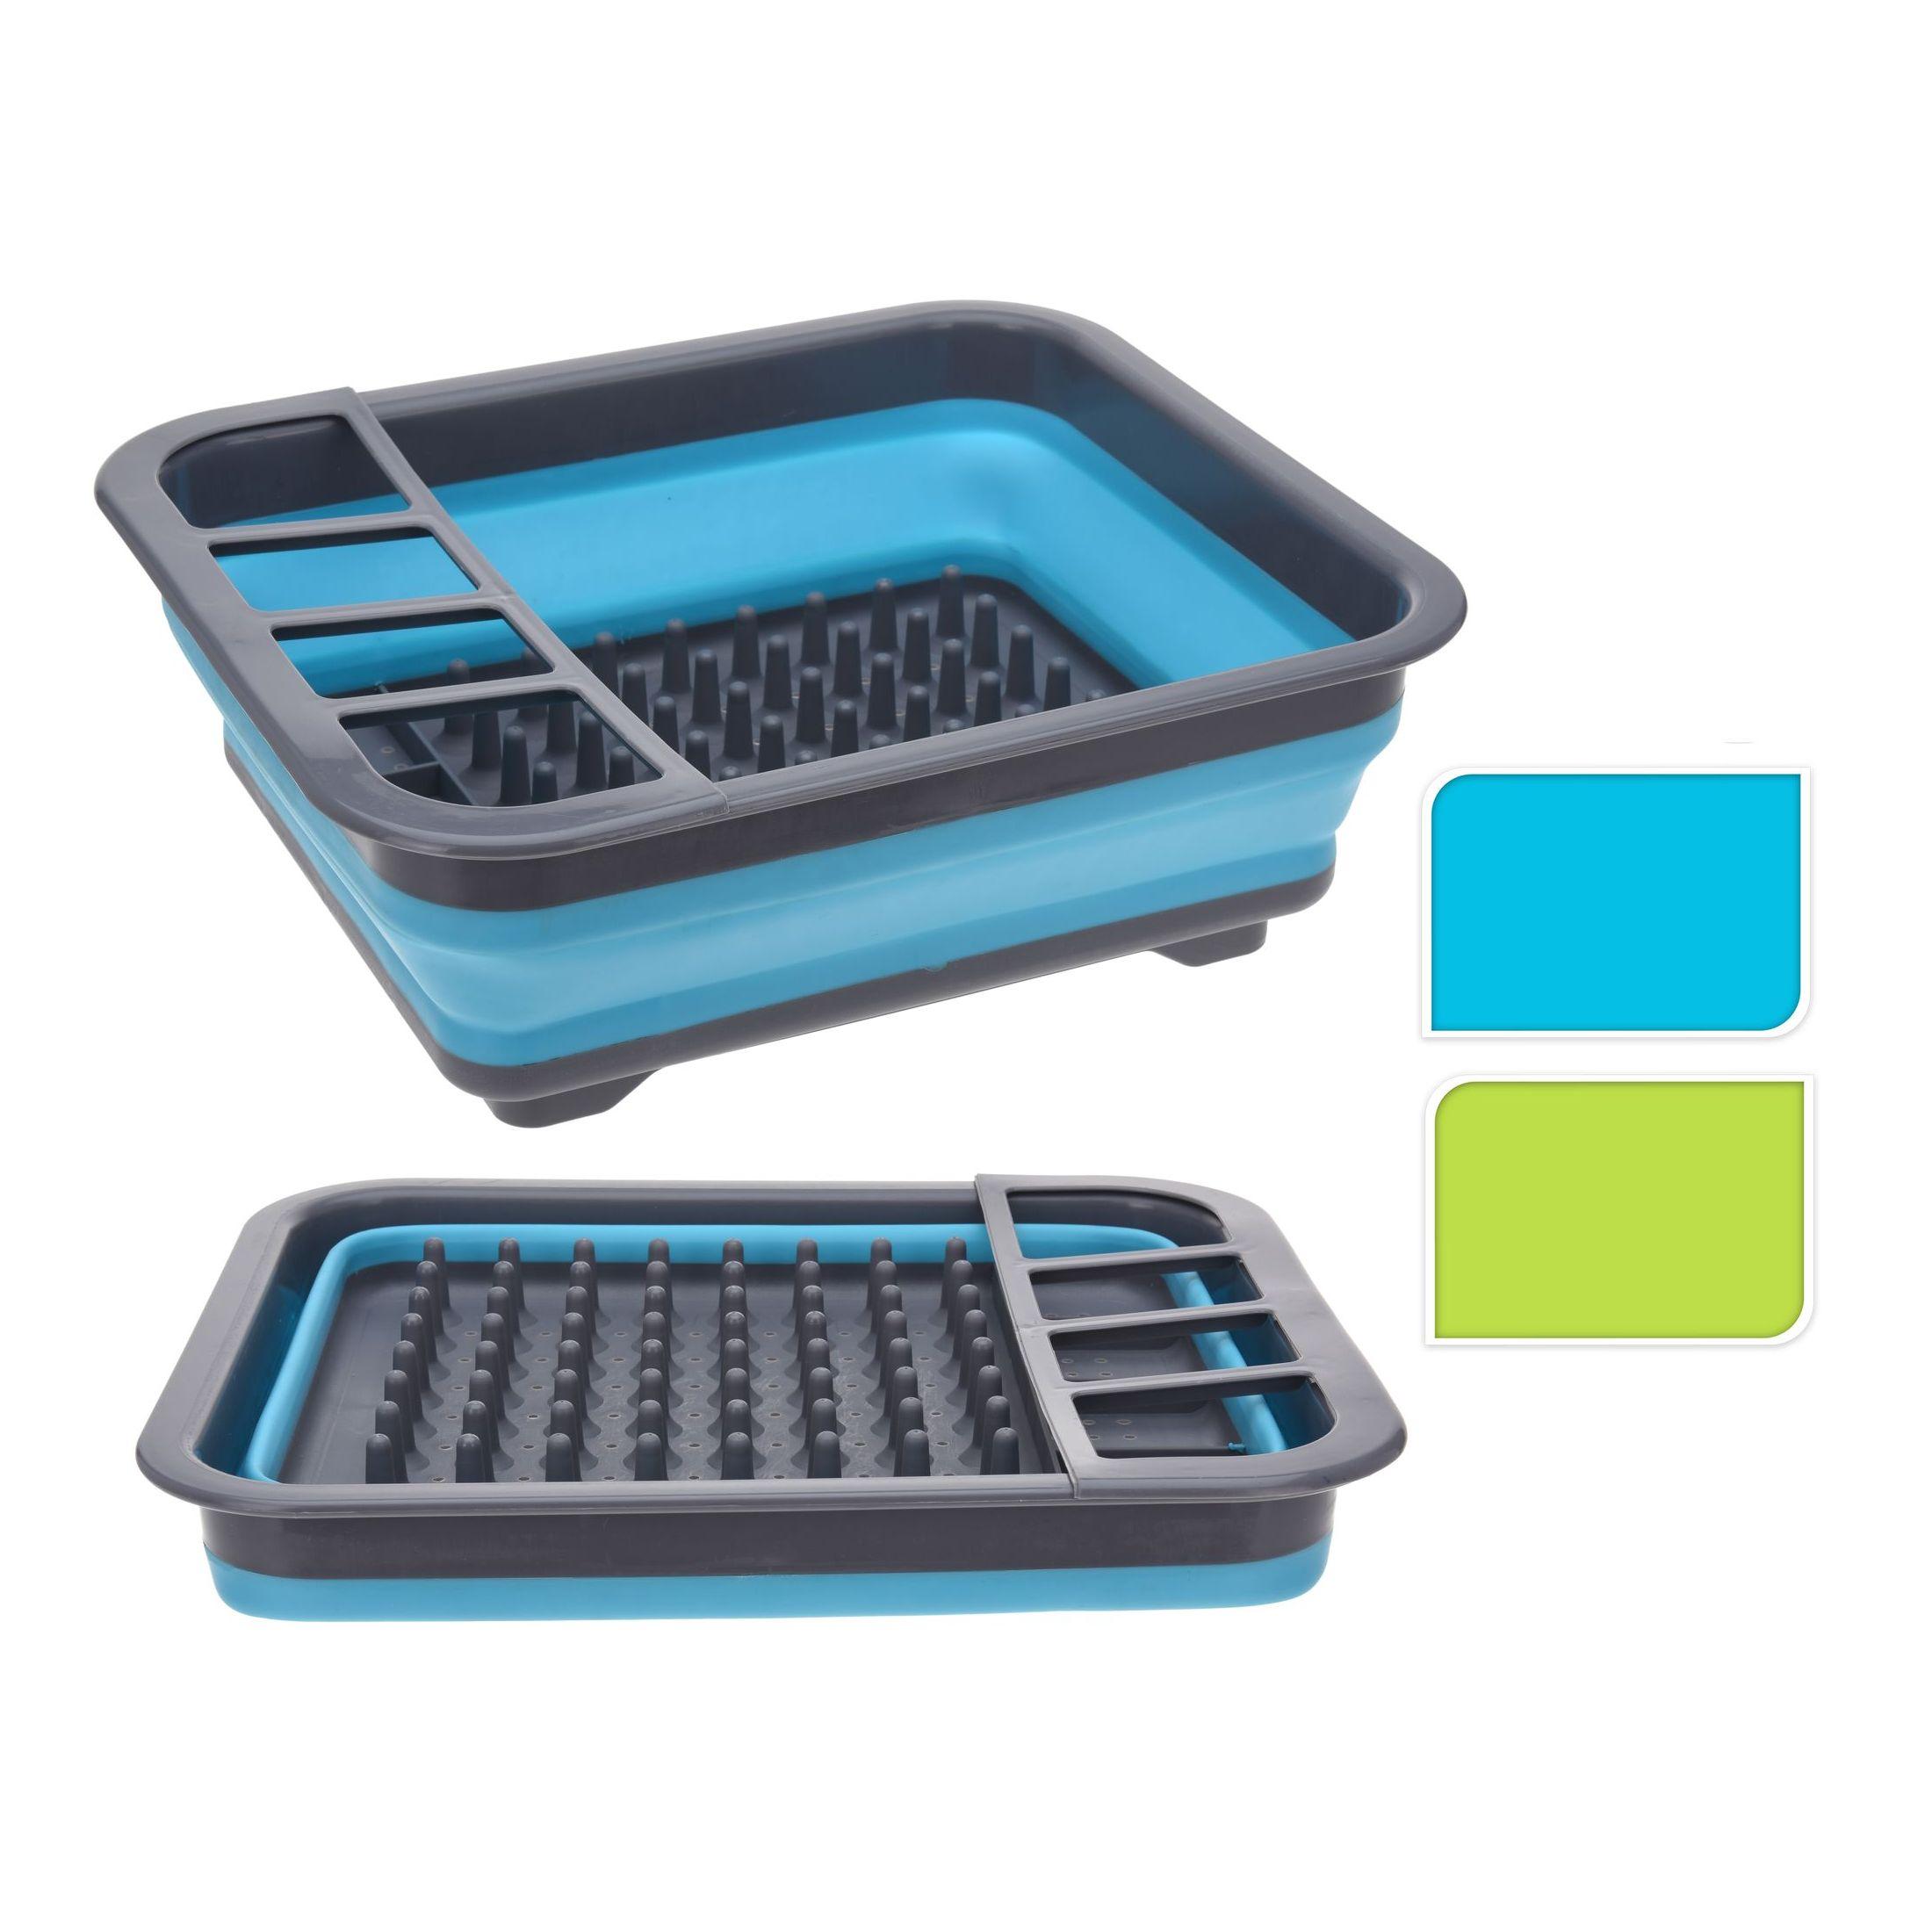 Сушилка д/посудыЭта сушилка для посуды станет надежным помощником на кухне. Модель поделена на секторы для тарелок, чашек, ложек, вилок. Изделие легко моется и чистится, изготавливается из крепкого пластика, безопасного для человека и окружающей среды. Сушилка легкая, что позволяет брать ее с собой на дачу. Производитель предлагает два цветовых решения: синее и зеленое, поэтому каждая хозяйка сможет выбрать цвет, который гармонично впишется в интерьер кухни. Сушилка для посуды Excellent Houseware заслужила доверие среди российских потребителей и получила немало положительных отзывов.<br>